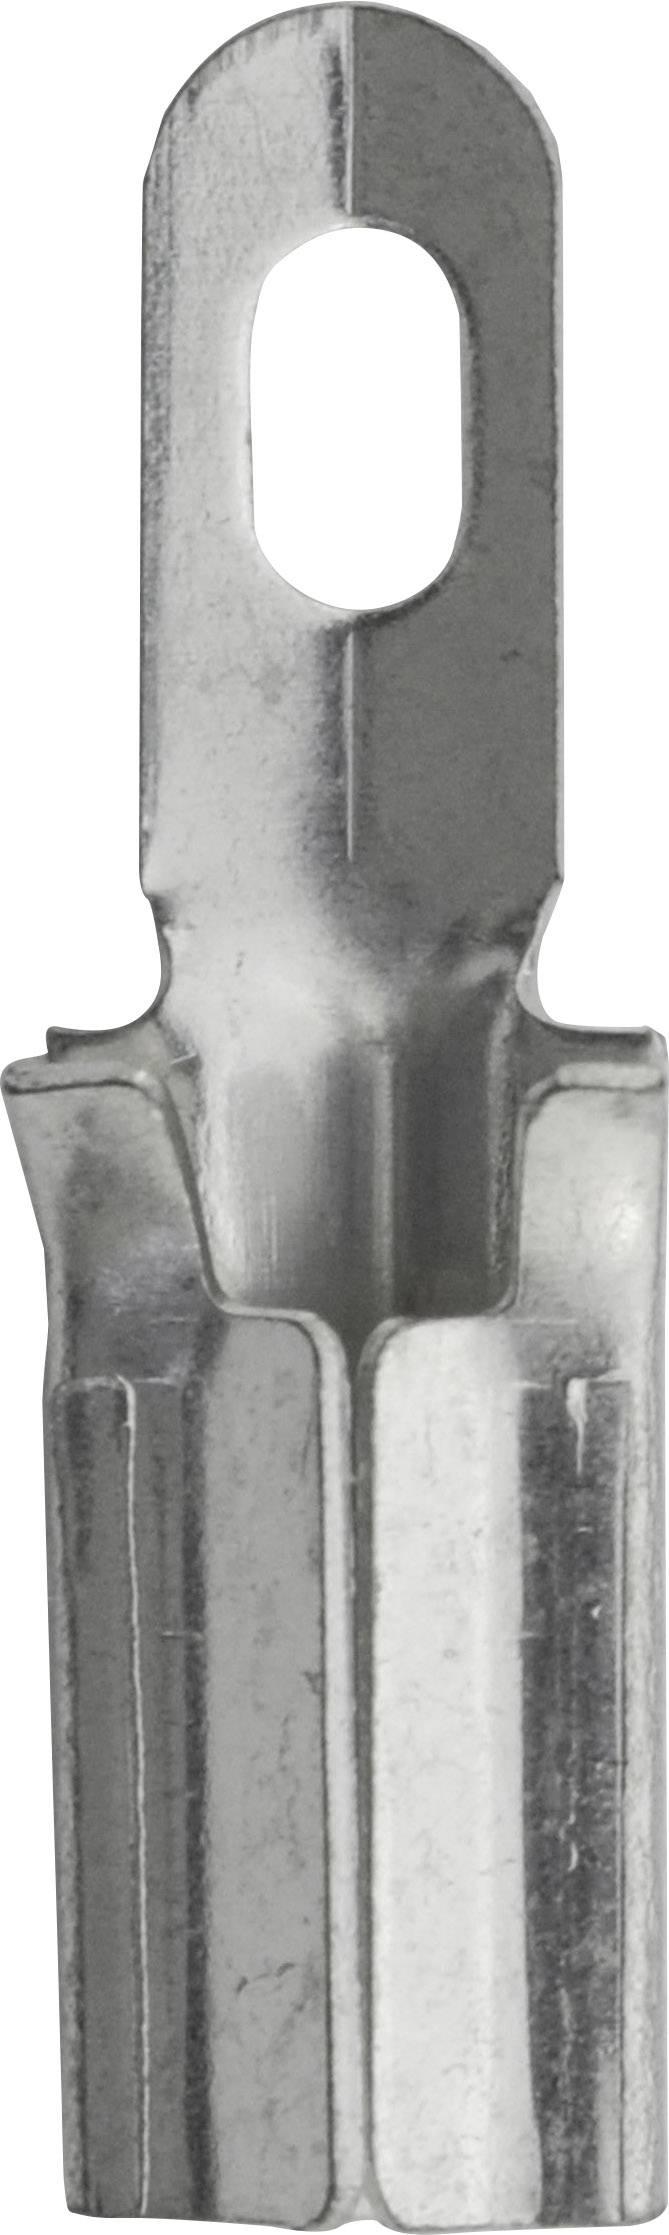 Zástrčkové kolíčky, průměr 1,3 mm - 100 ks